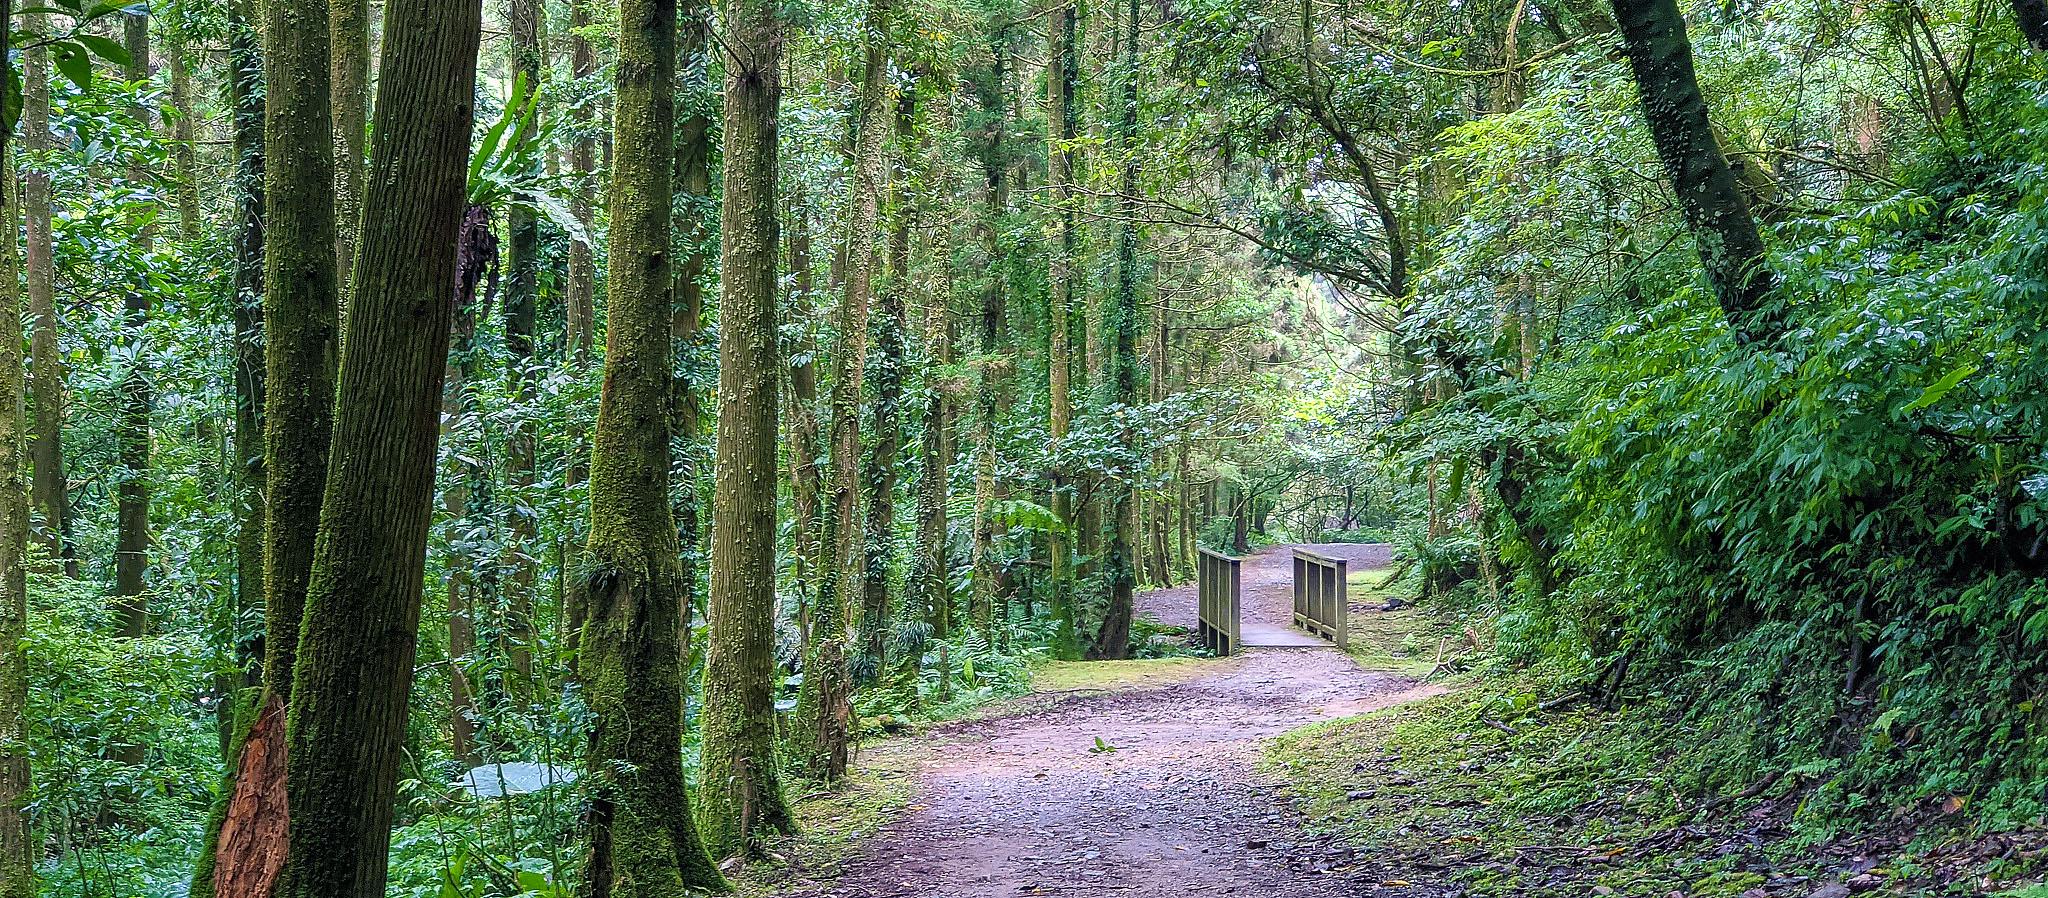 淡蘭古道中路|清涼好走「坪溪古道」,被杉林包圍,山嵐圍繞的沿溪步道,親子同遊都適合